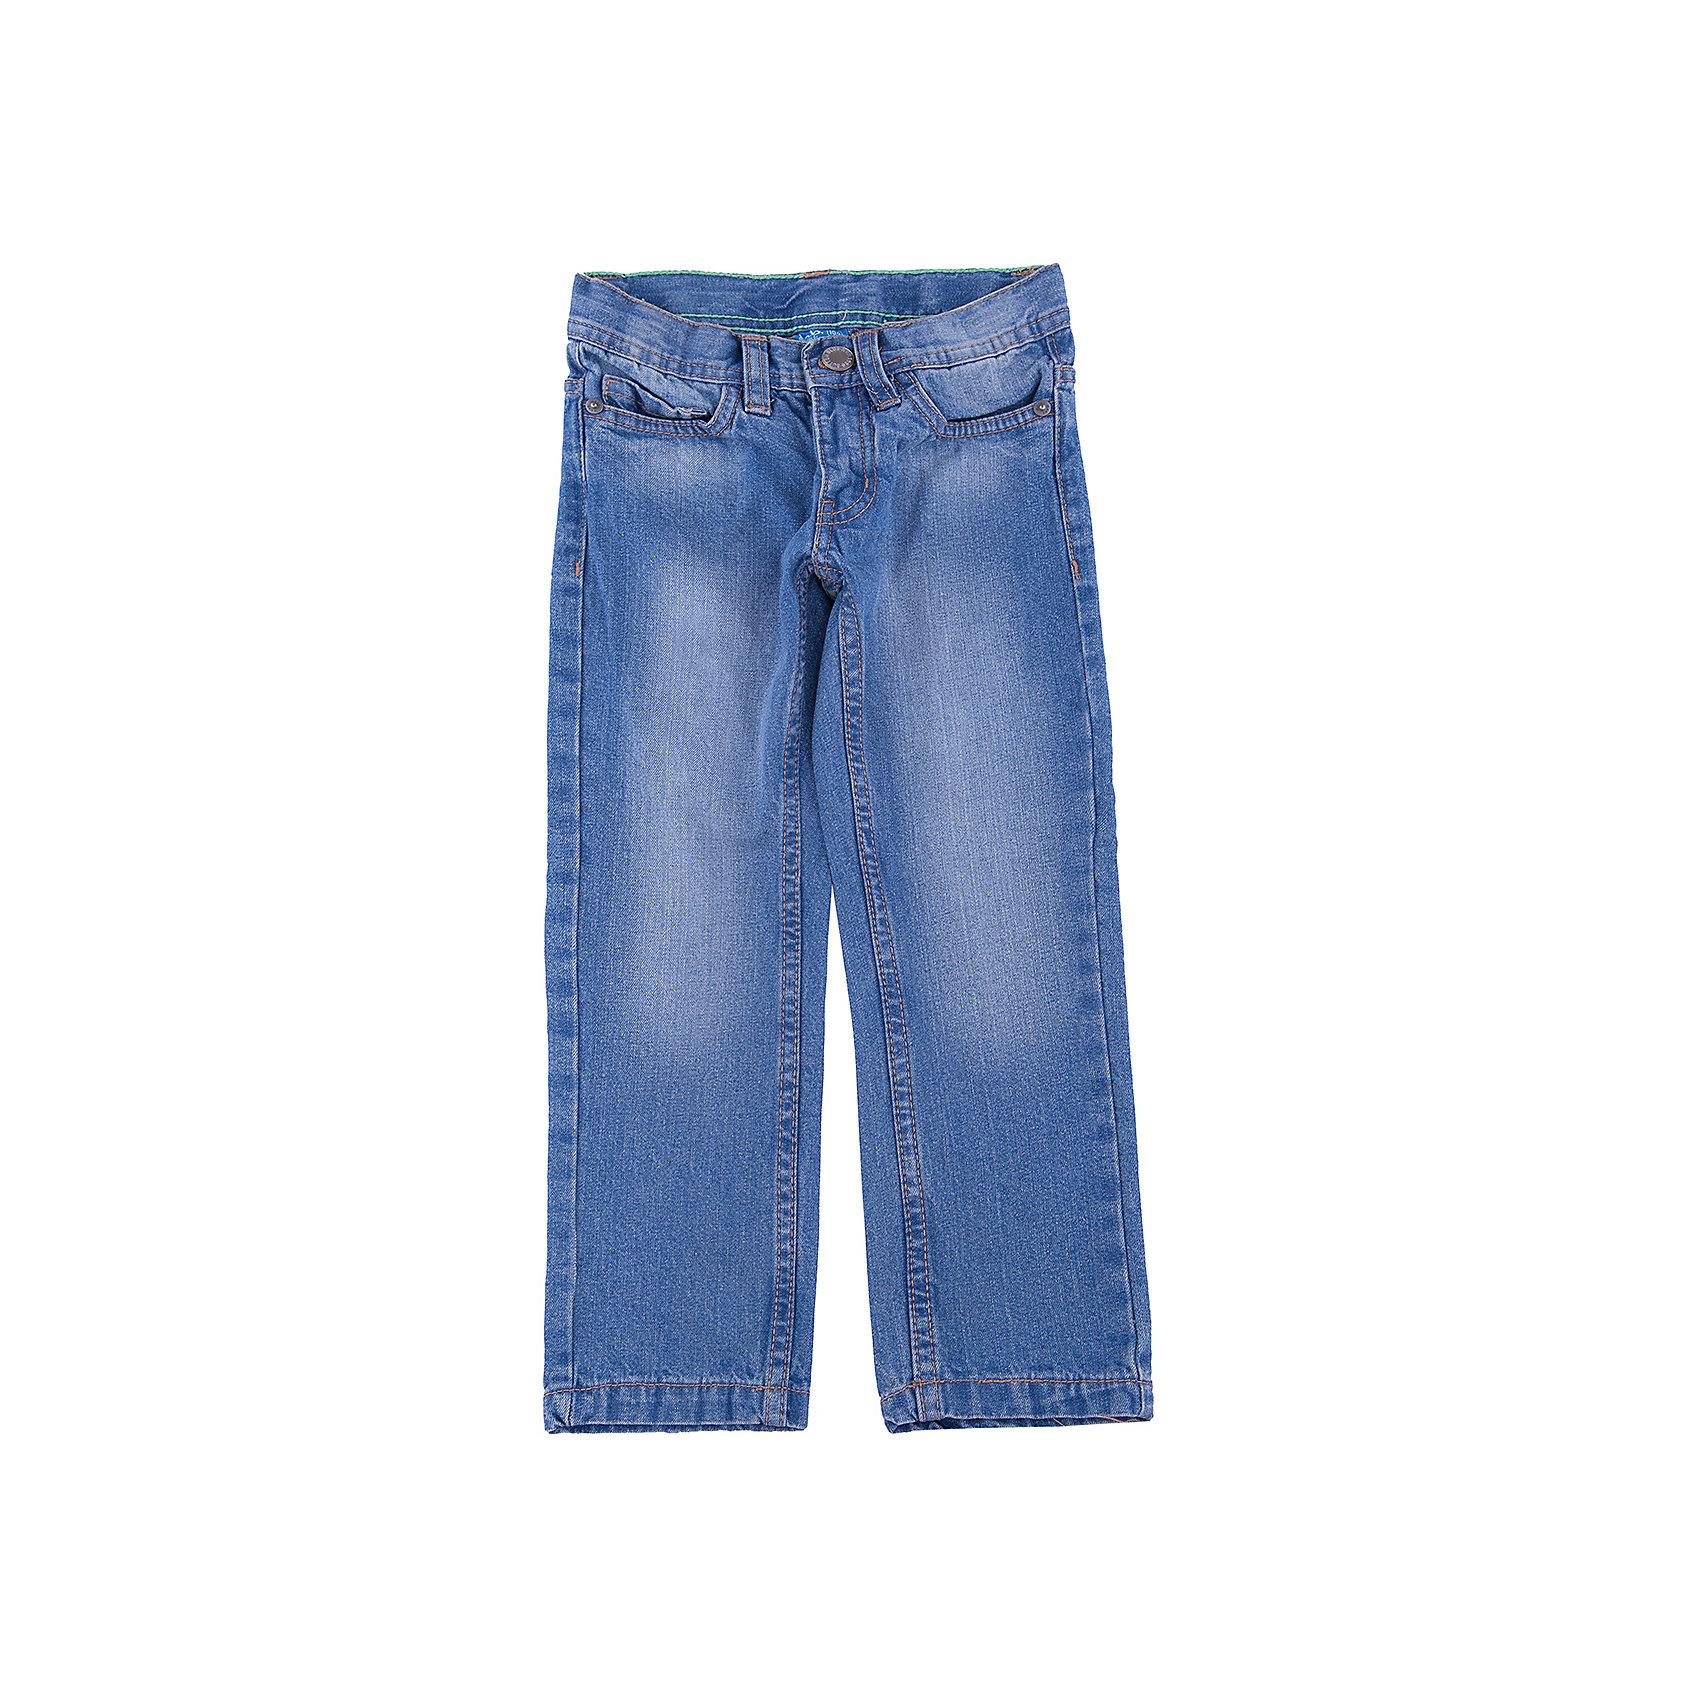 Джинсы для мальчика Button BlueДжинсовая одежда<br>Классные голубые джинсы с потертостями и варкой — залог хорошего настроения! Модный силуэт, удобная посадка на фигуре подарят мальчику комфорт и свободу движений. Отличное качество и доступная цена прилагаются! Купить детские джинсы Button Blue, значит, купить классные джинсы недорого и быть в тренде!<br>Состав:<br>100% хлопок<br><br>Ширина мм: 215<br>Глубина мм: 88<br>Высота мм: 191<br>Вес г: 336<br>Цвет: синий<br>Возраст от месяцев: 24<br>Возраст до месяцев: 36<br>Пол: Мужской<br>Возраст: Детский<br>Размер: 104,116,140,110,158,134,98,152,146,122,128<br>SKU: 4509980